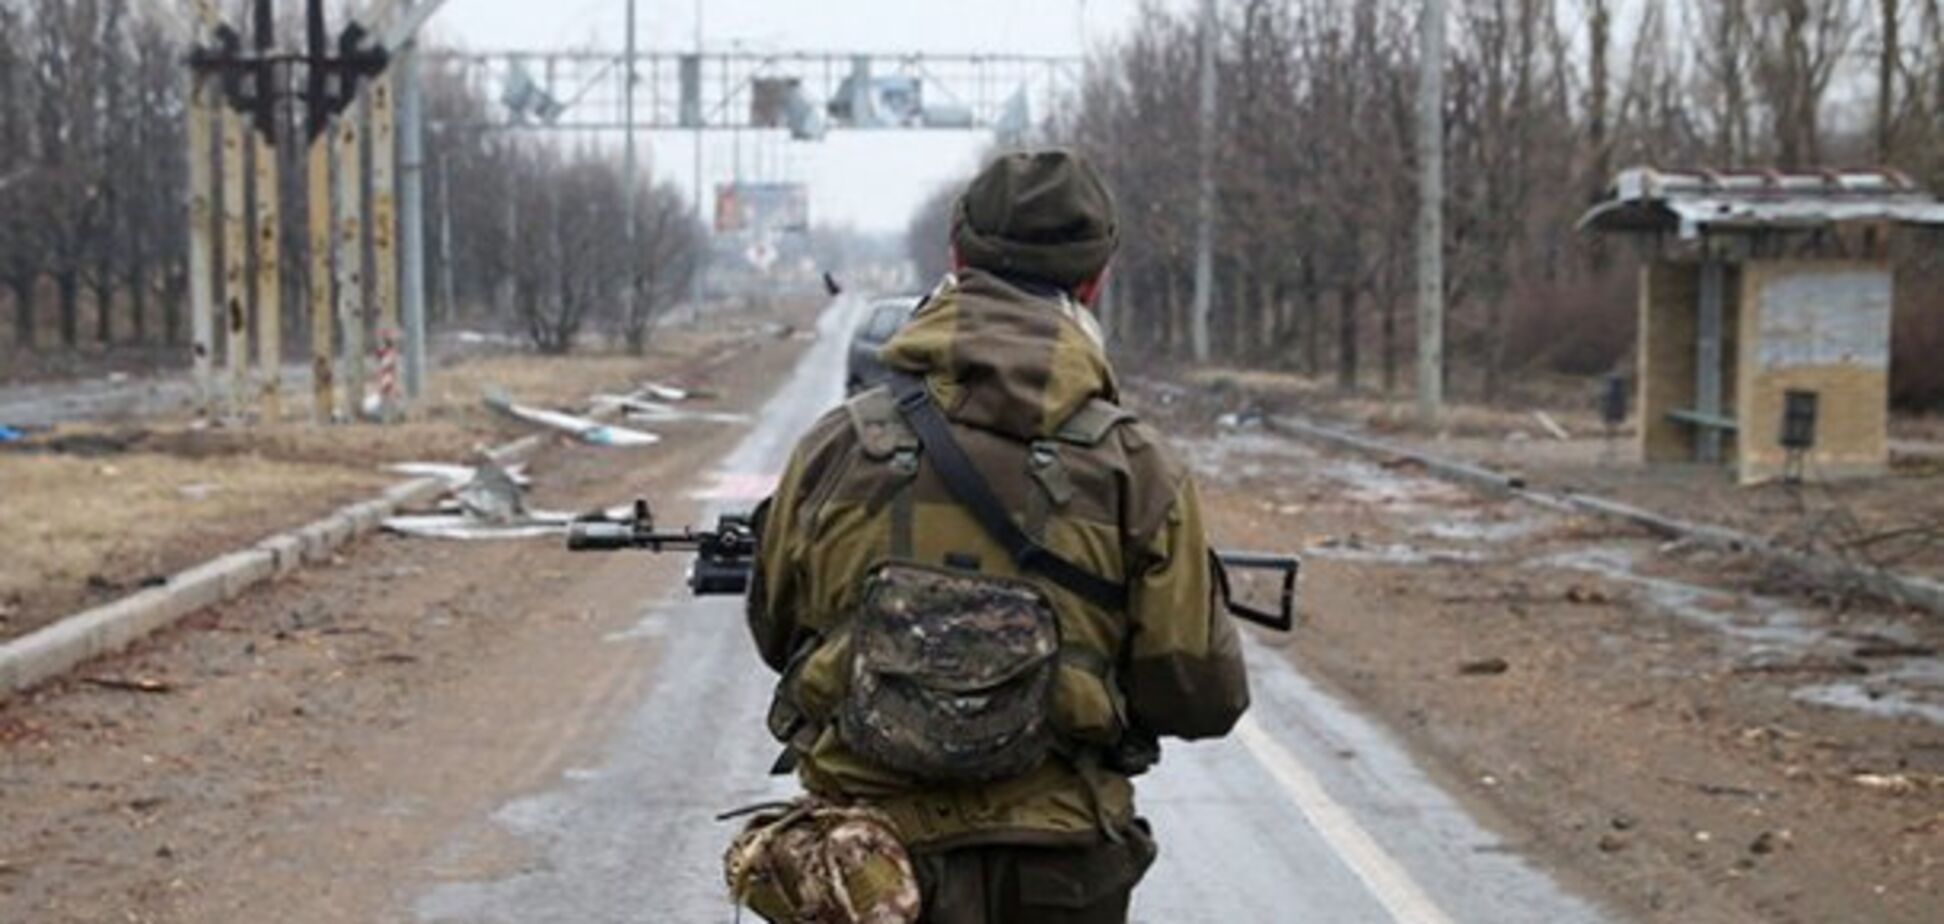 Вони загинули за Україну! З'явилася інтерактивна карта жертв війни на Донбасі